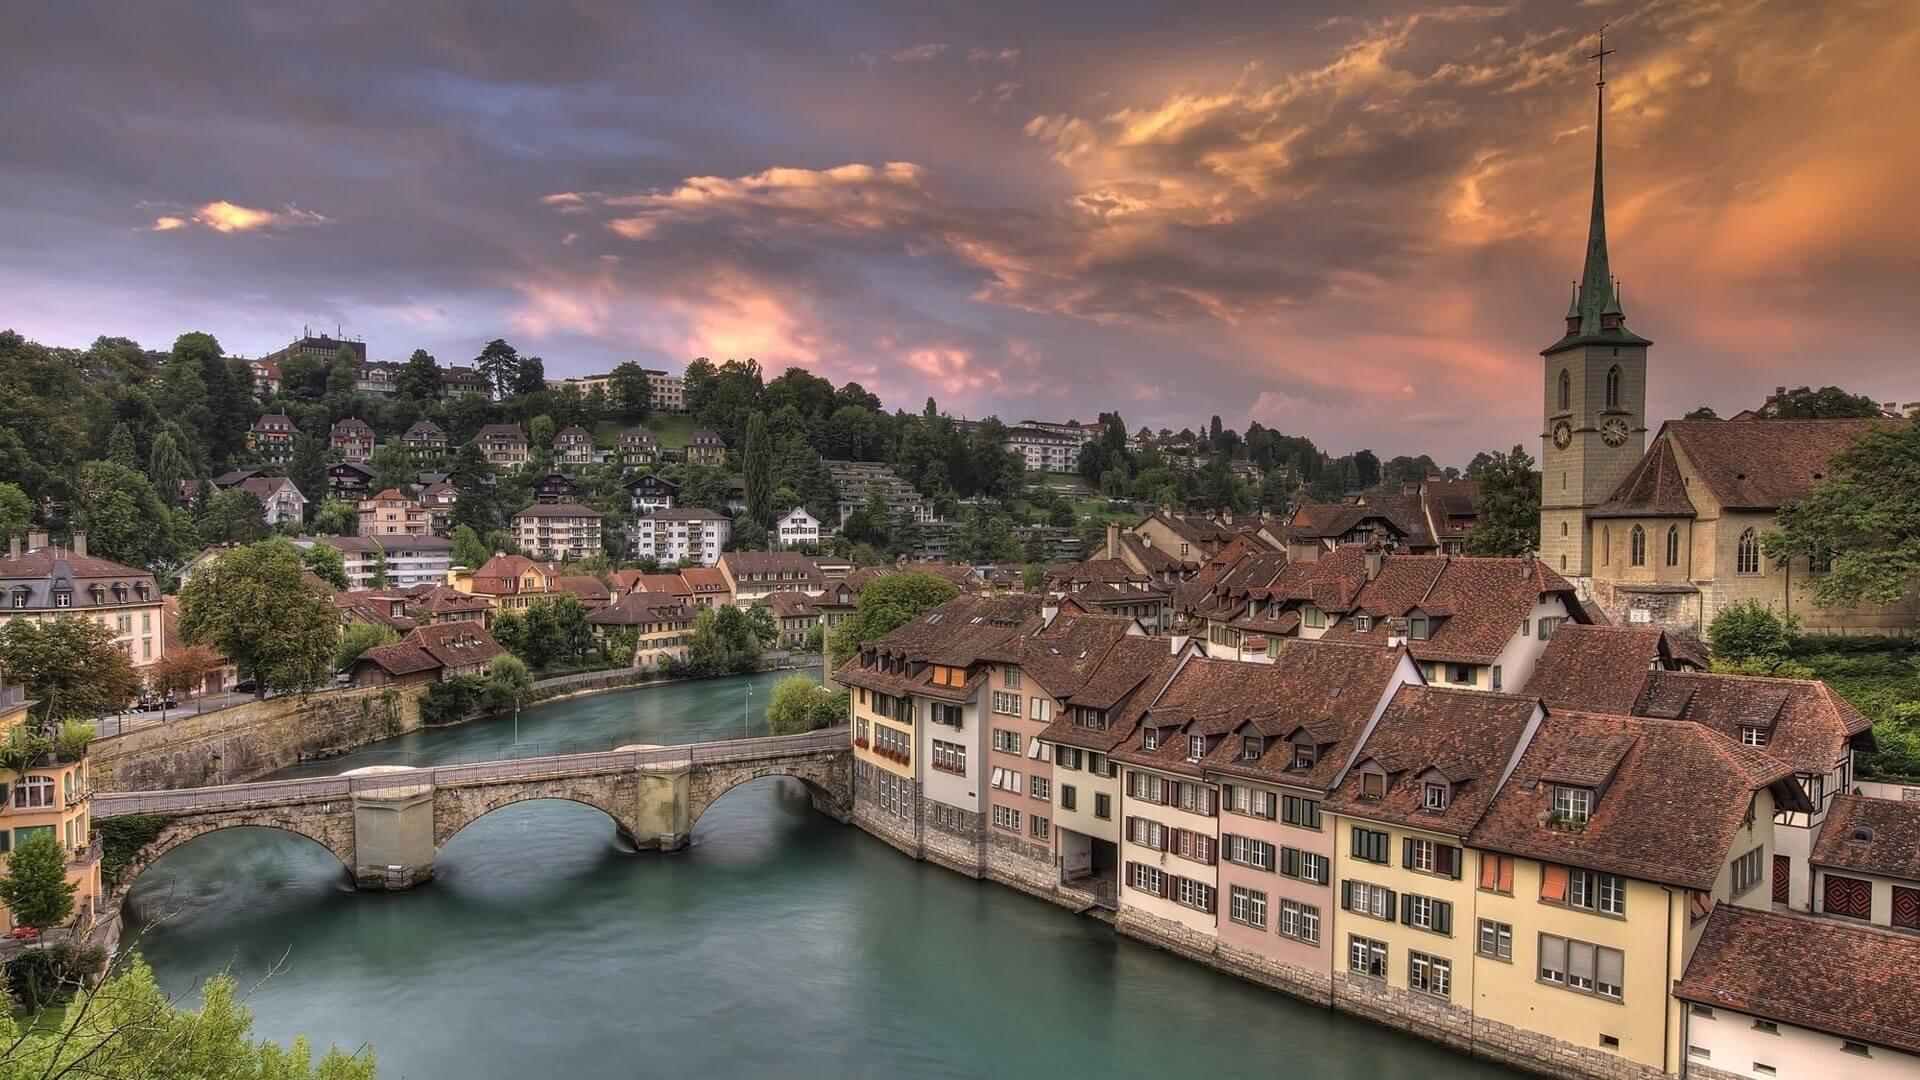 фотографии город берн швейцария фото разместился полуострове